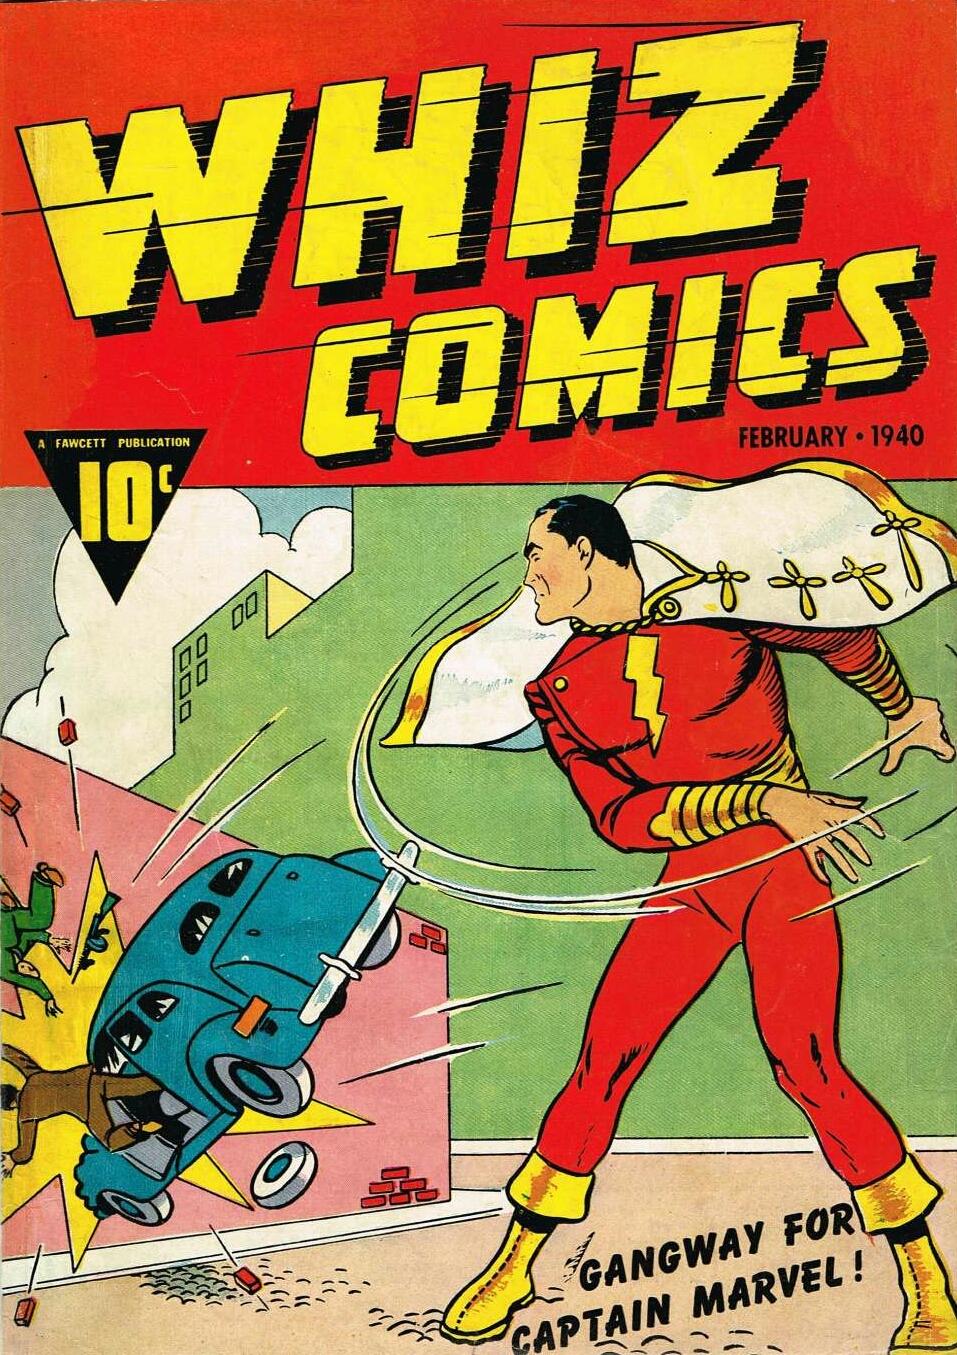 Resultado de imagen para whizz comics 2